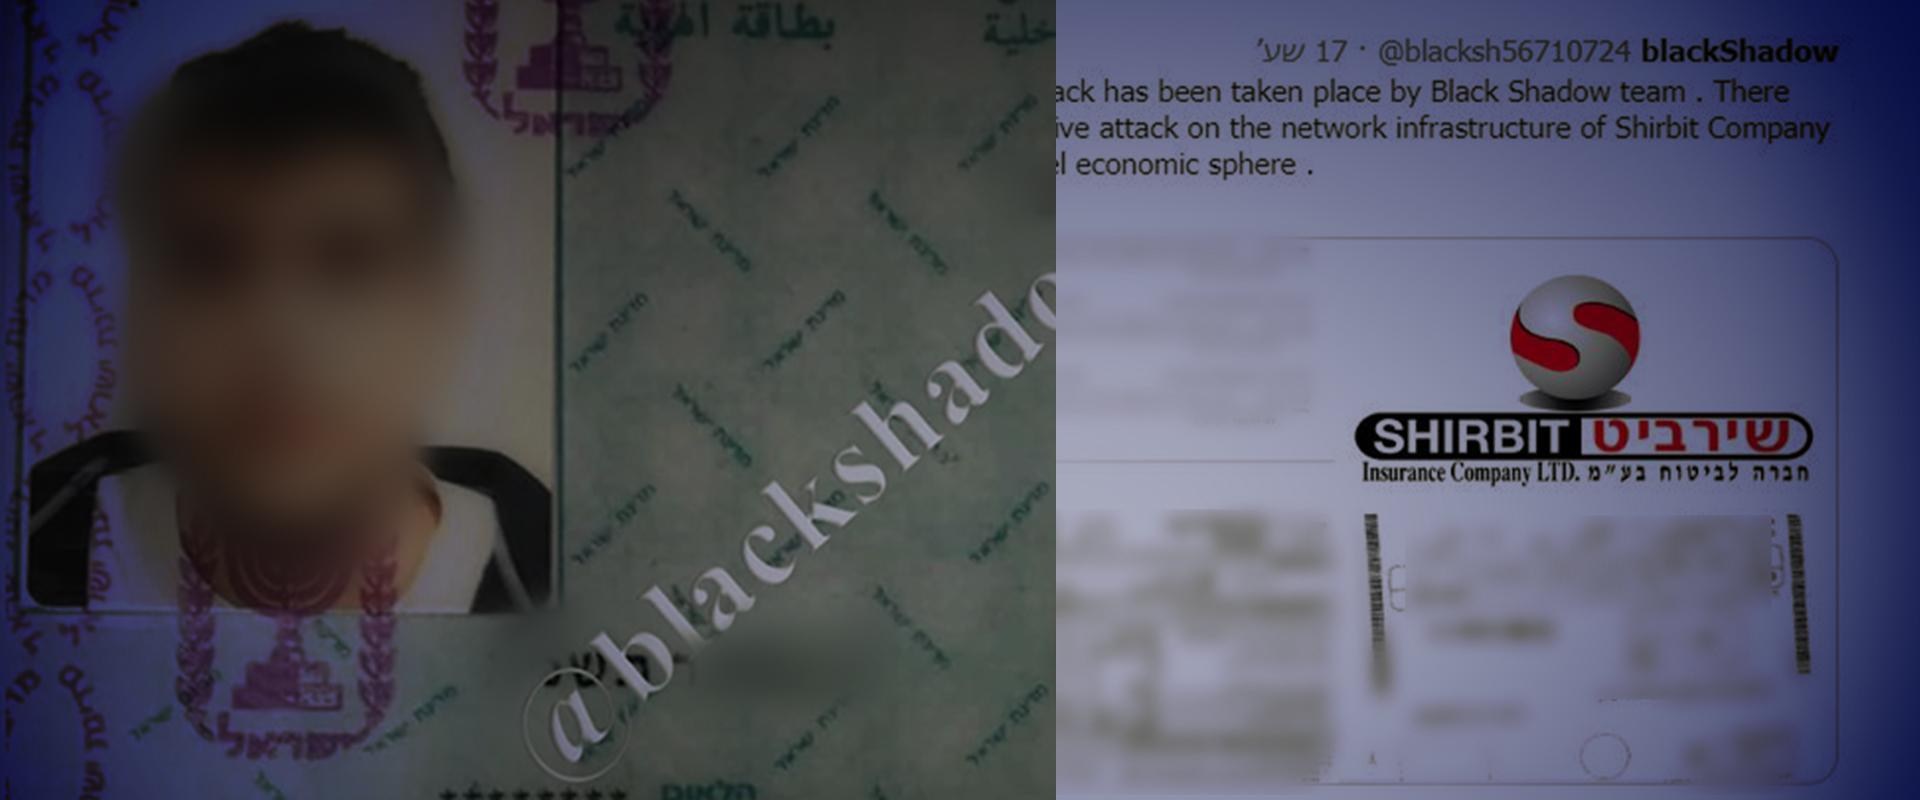 חלק מהמסמכים שפורסמו ברשת